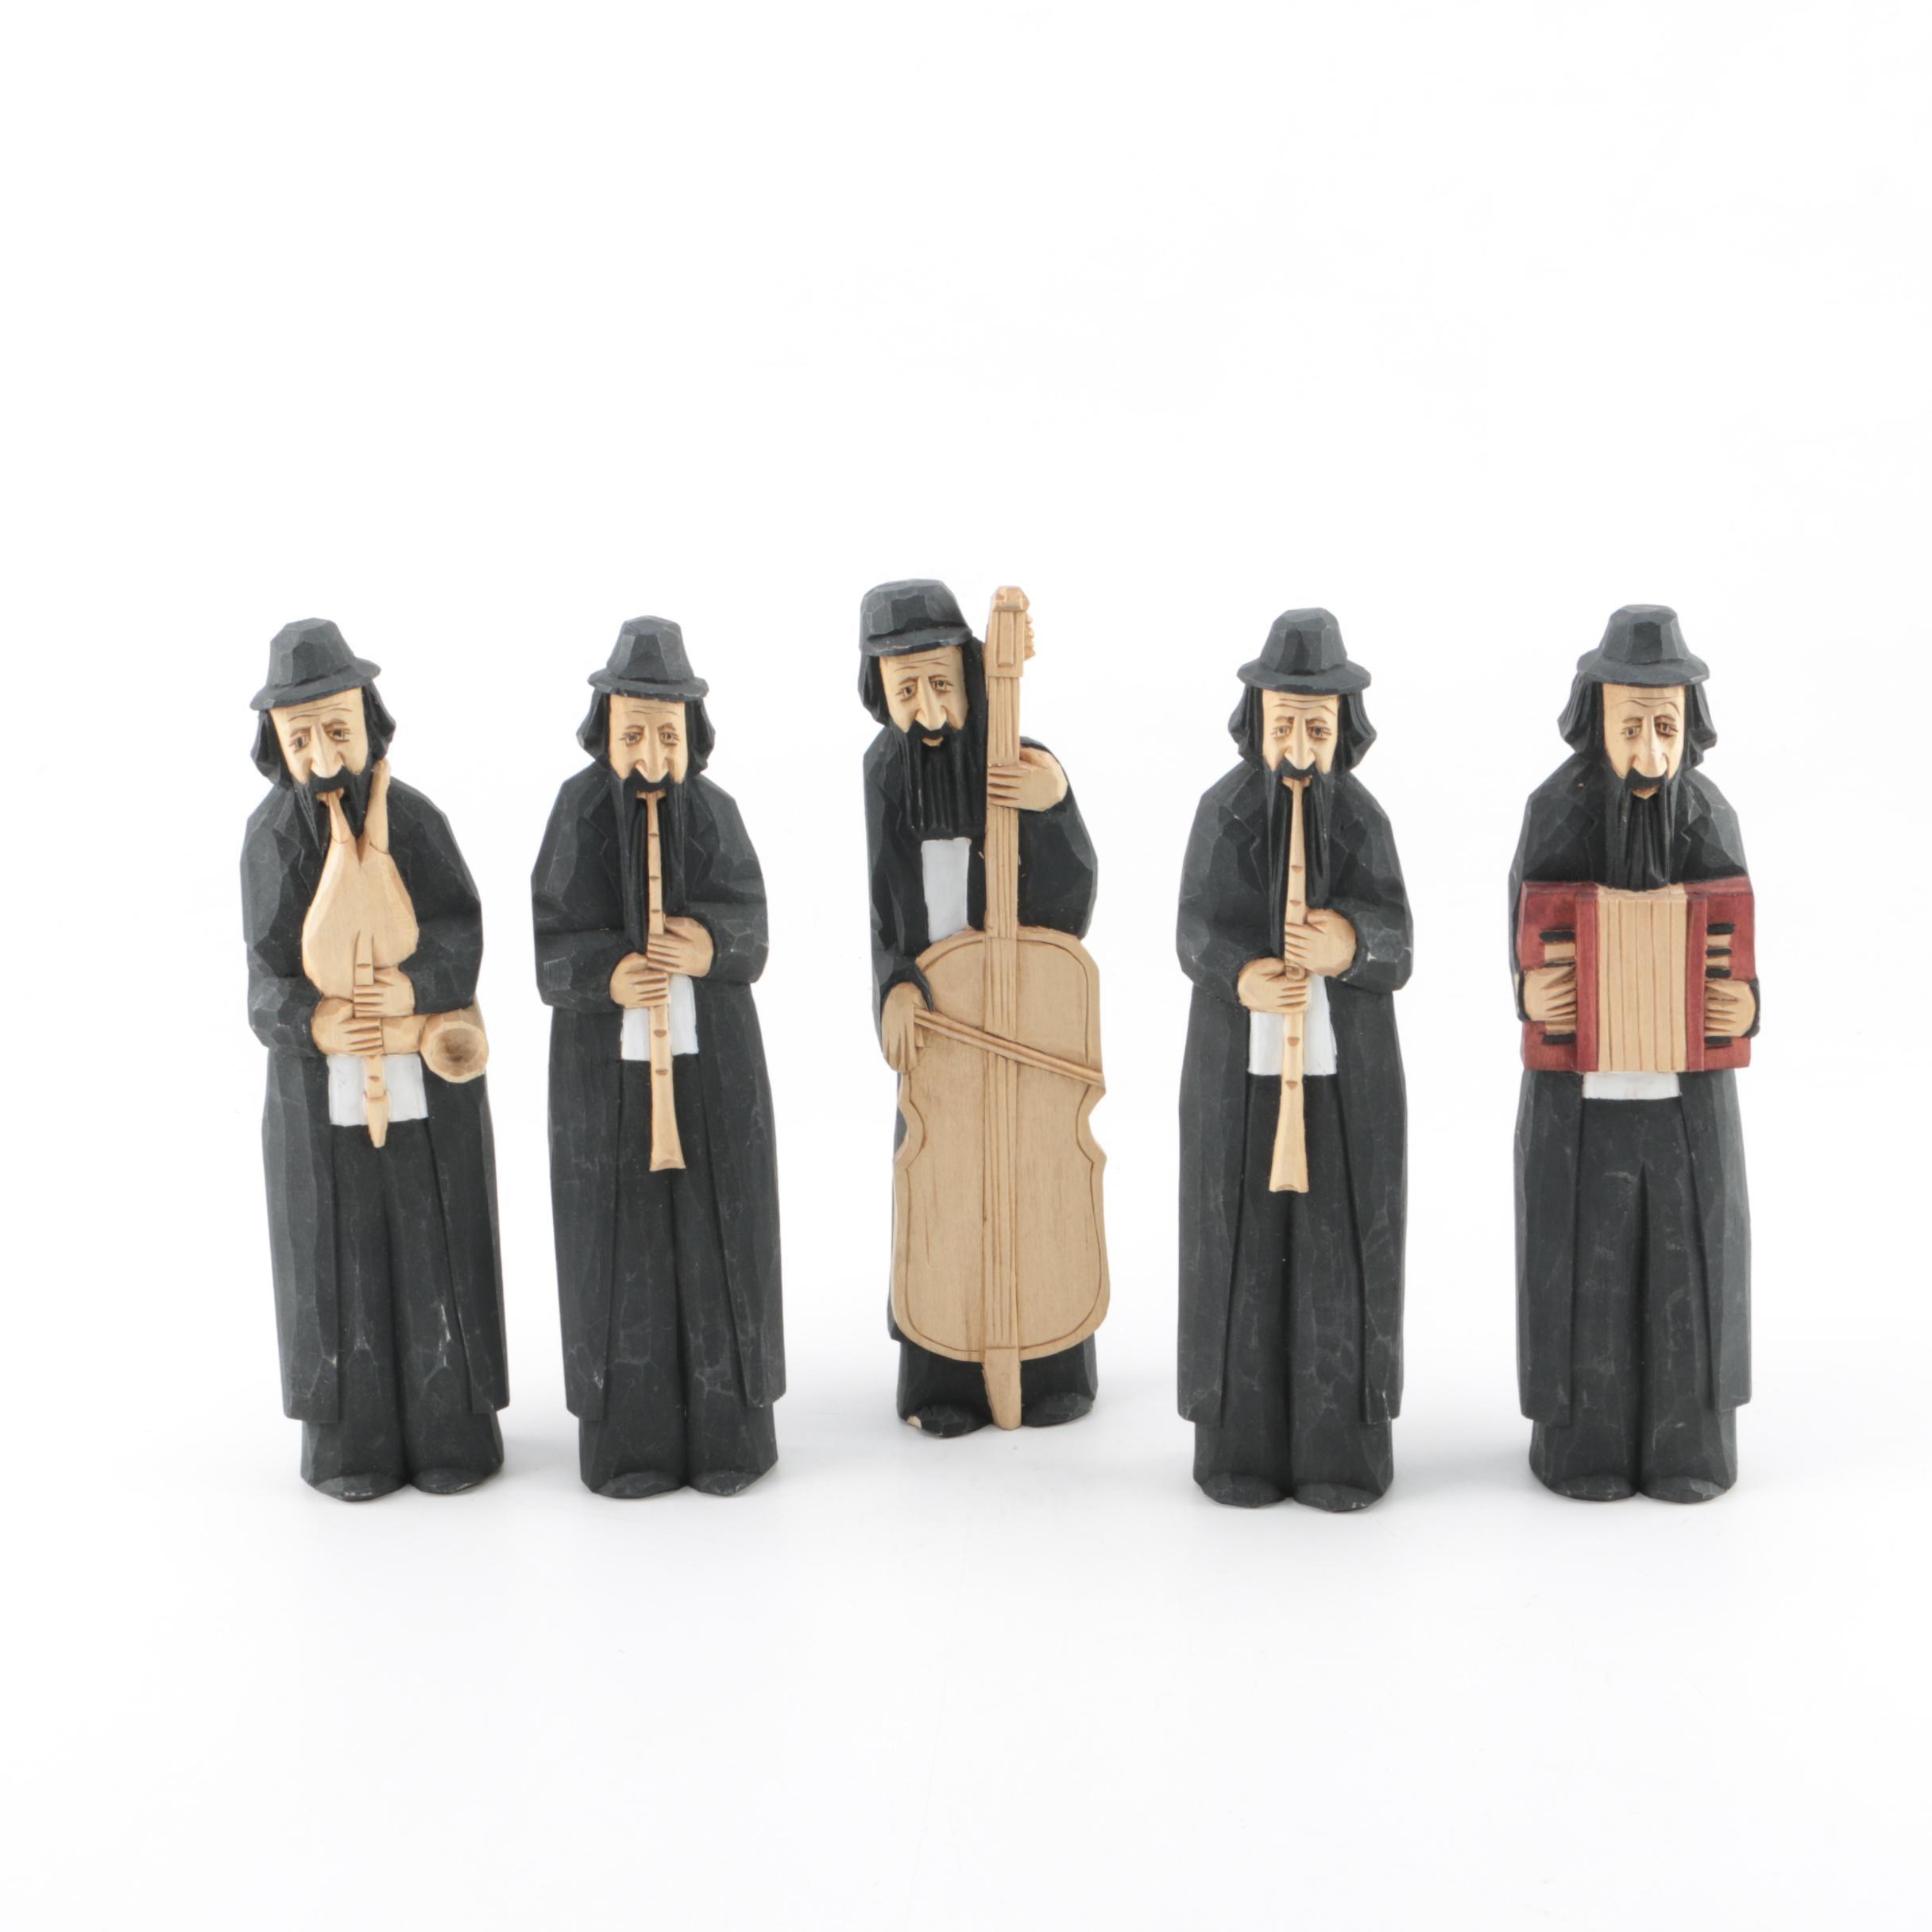 Carved Wooden Klezmer Musicians